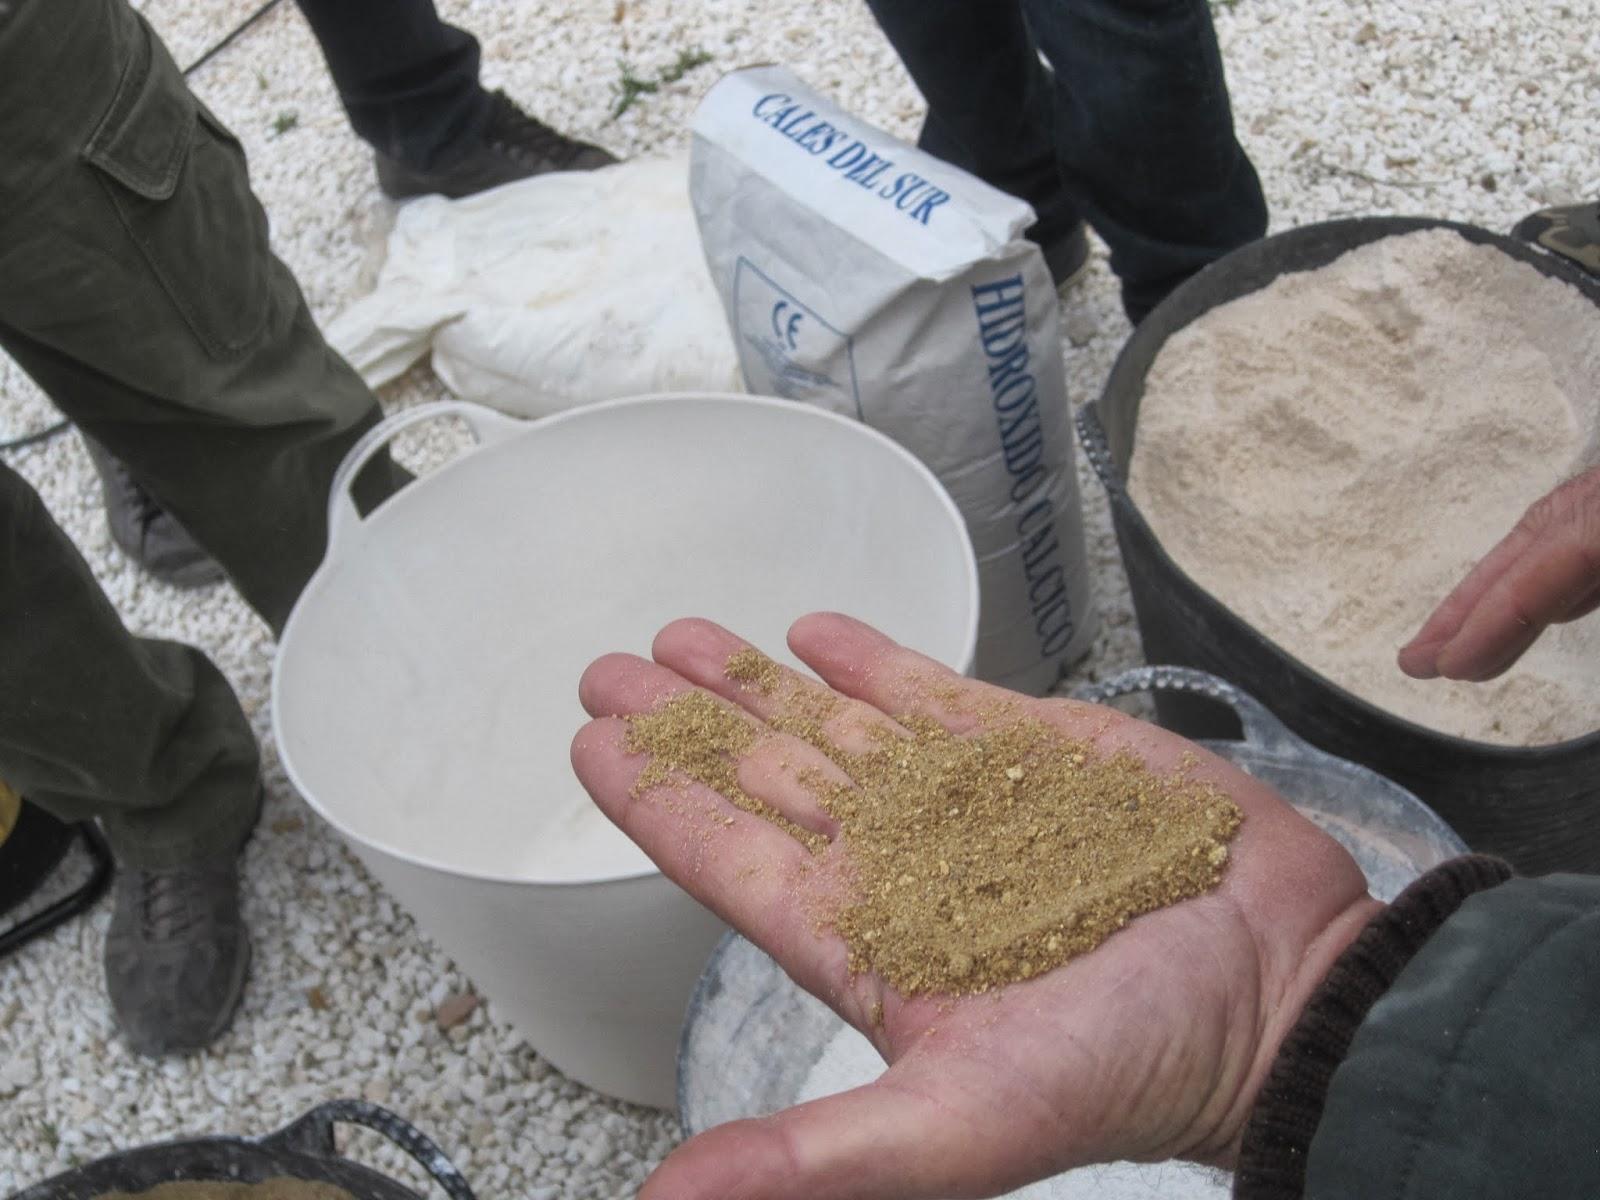 distintos tipos de ridos cal area cal en pasta cal hidrulica y cemento natural variante de la cal hidrulica trminos como ridos curva